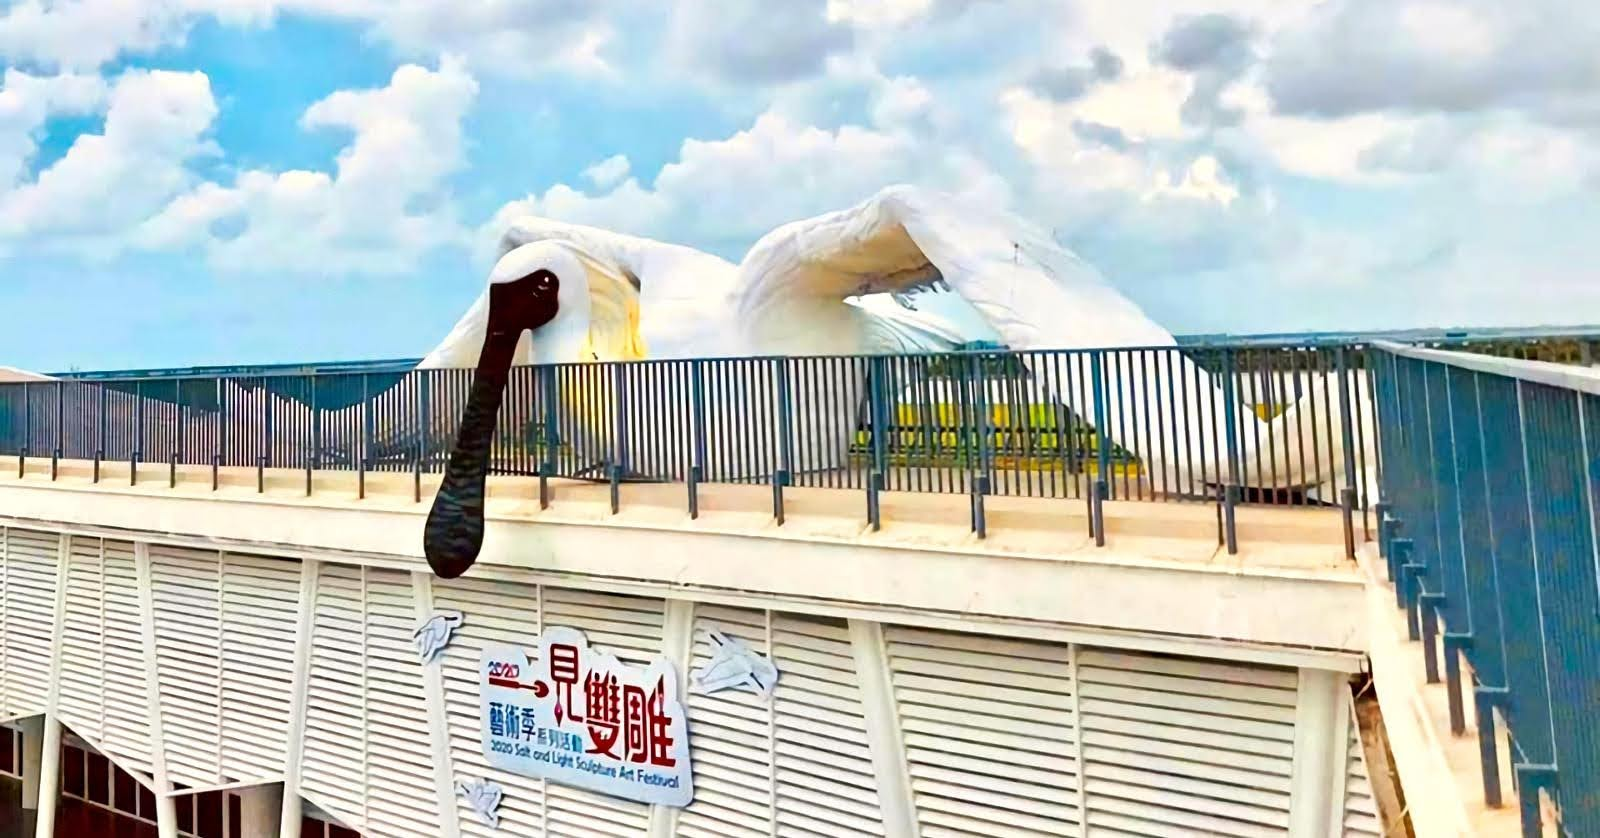 2020一箭雙鵰藝術季7/11登場|鹽雕×光雕×地表最大黑面琵鷺|活動